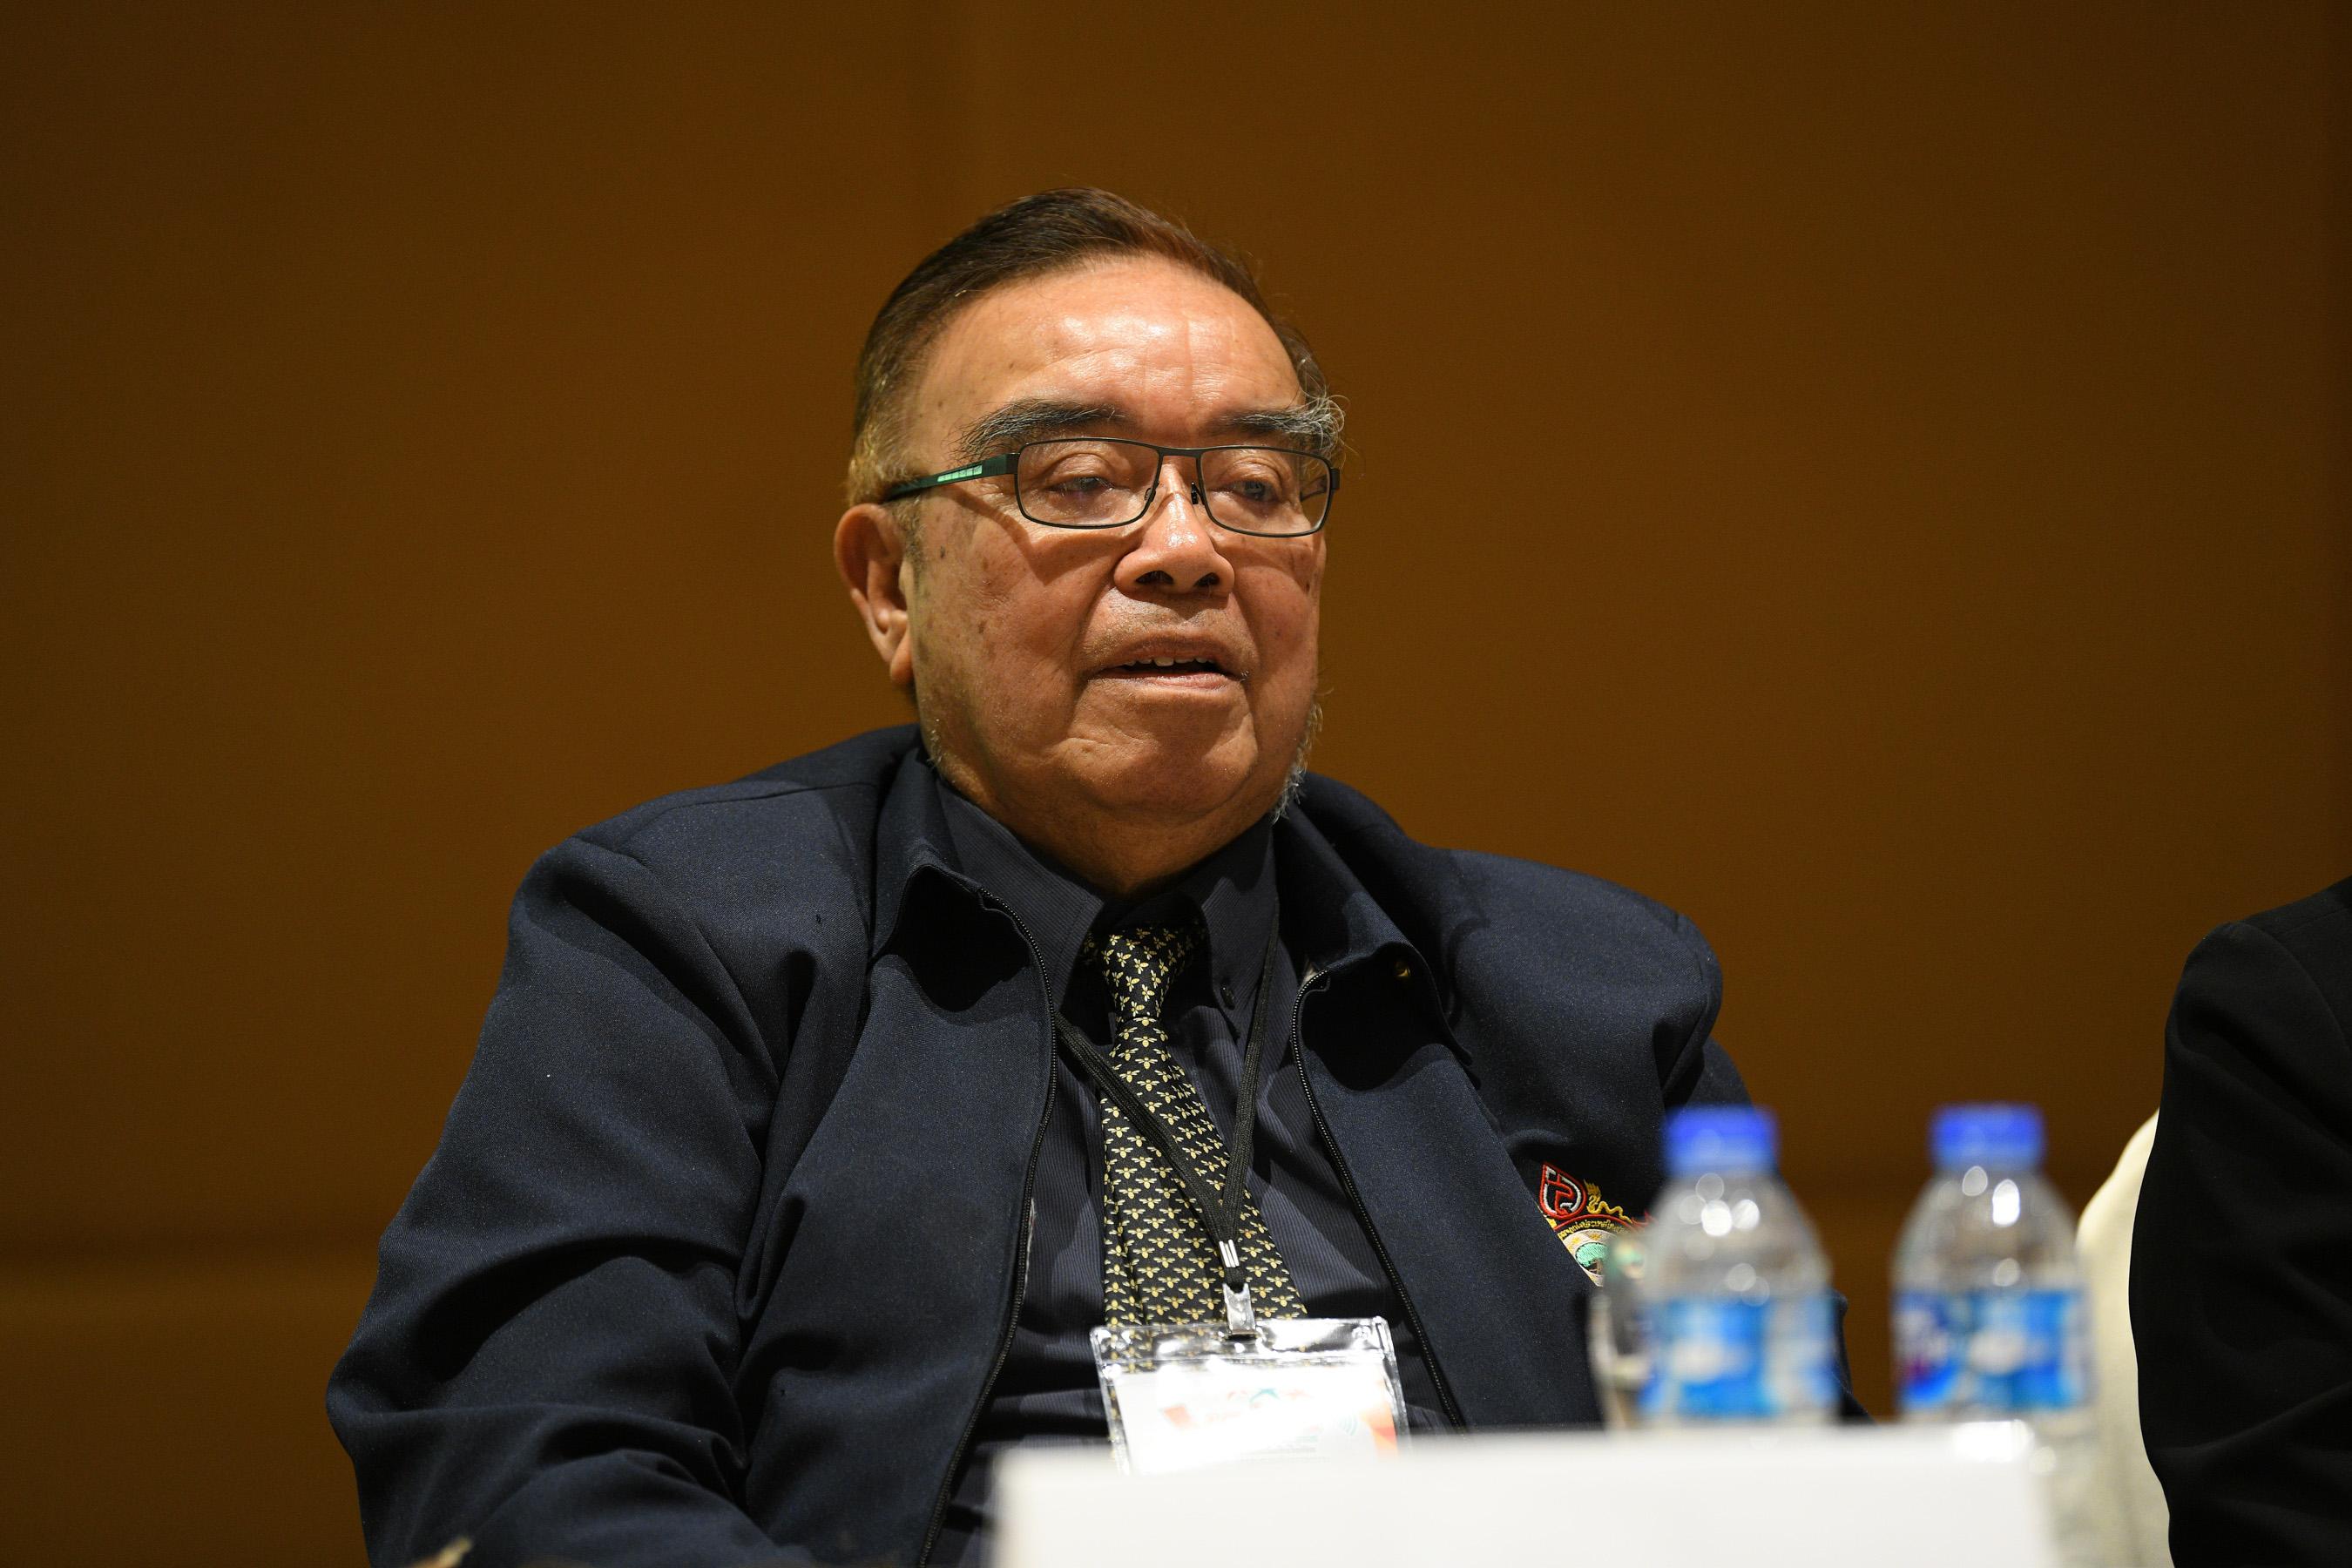 นพ.พงษ์ศิริ ปรารถนาดี รองประธานสมาคมสภาผู้สูงอายุแห่งประเทศไทย